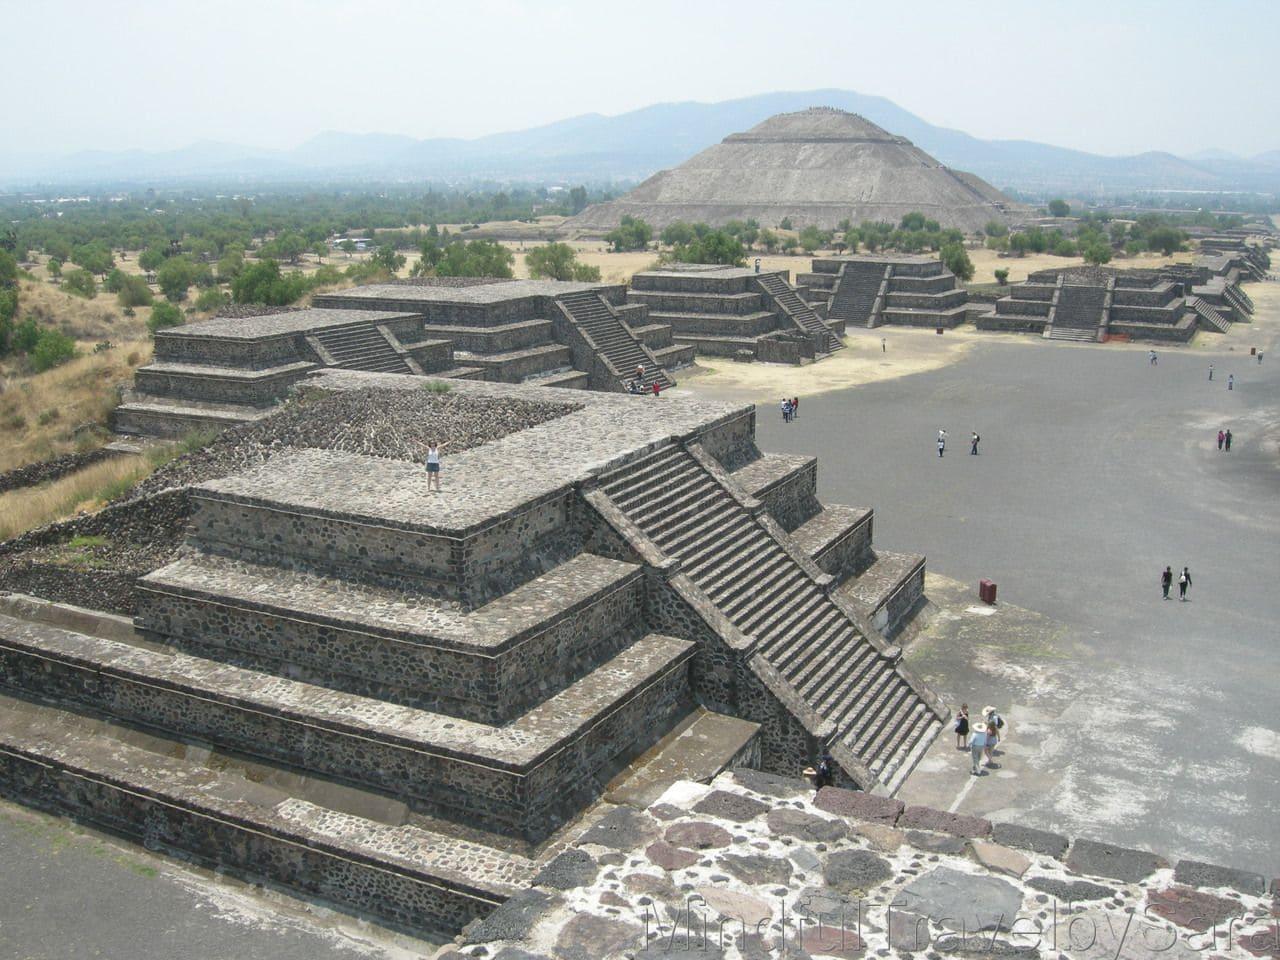 piramide de Teotihuacan